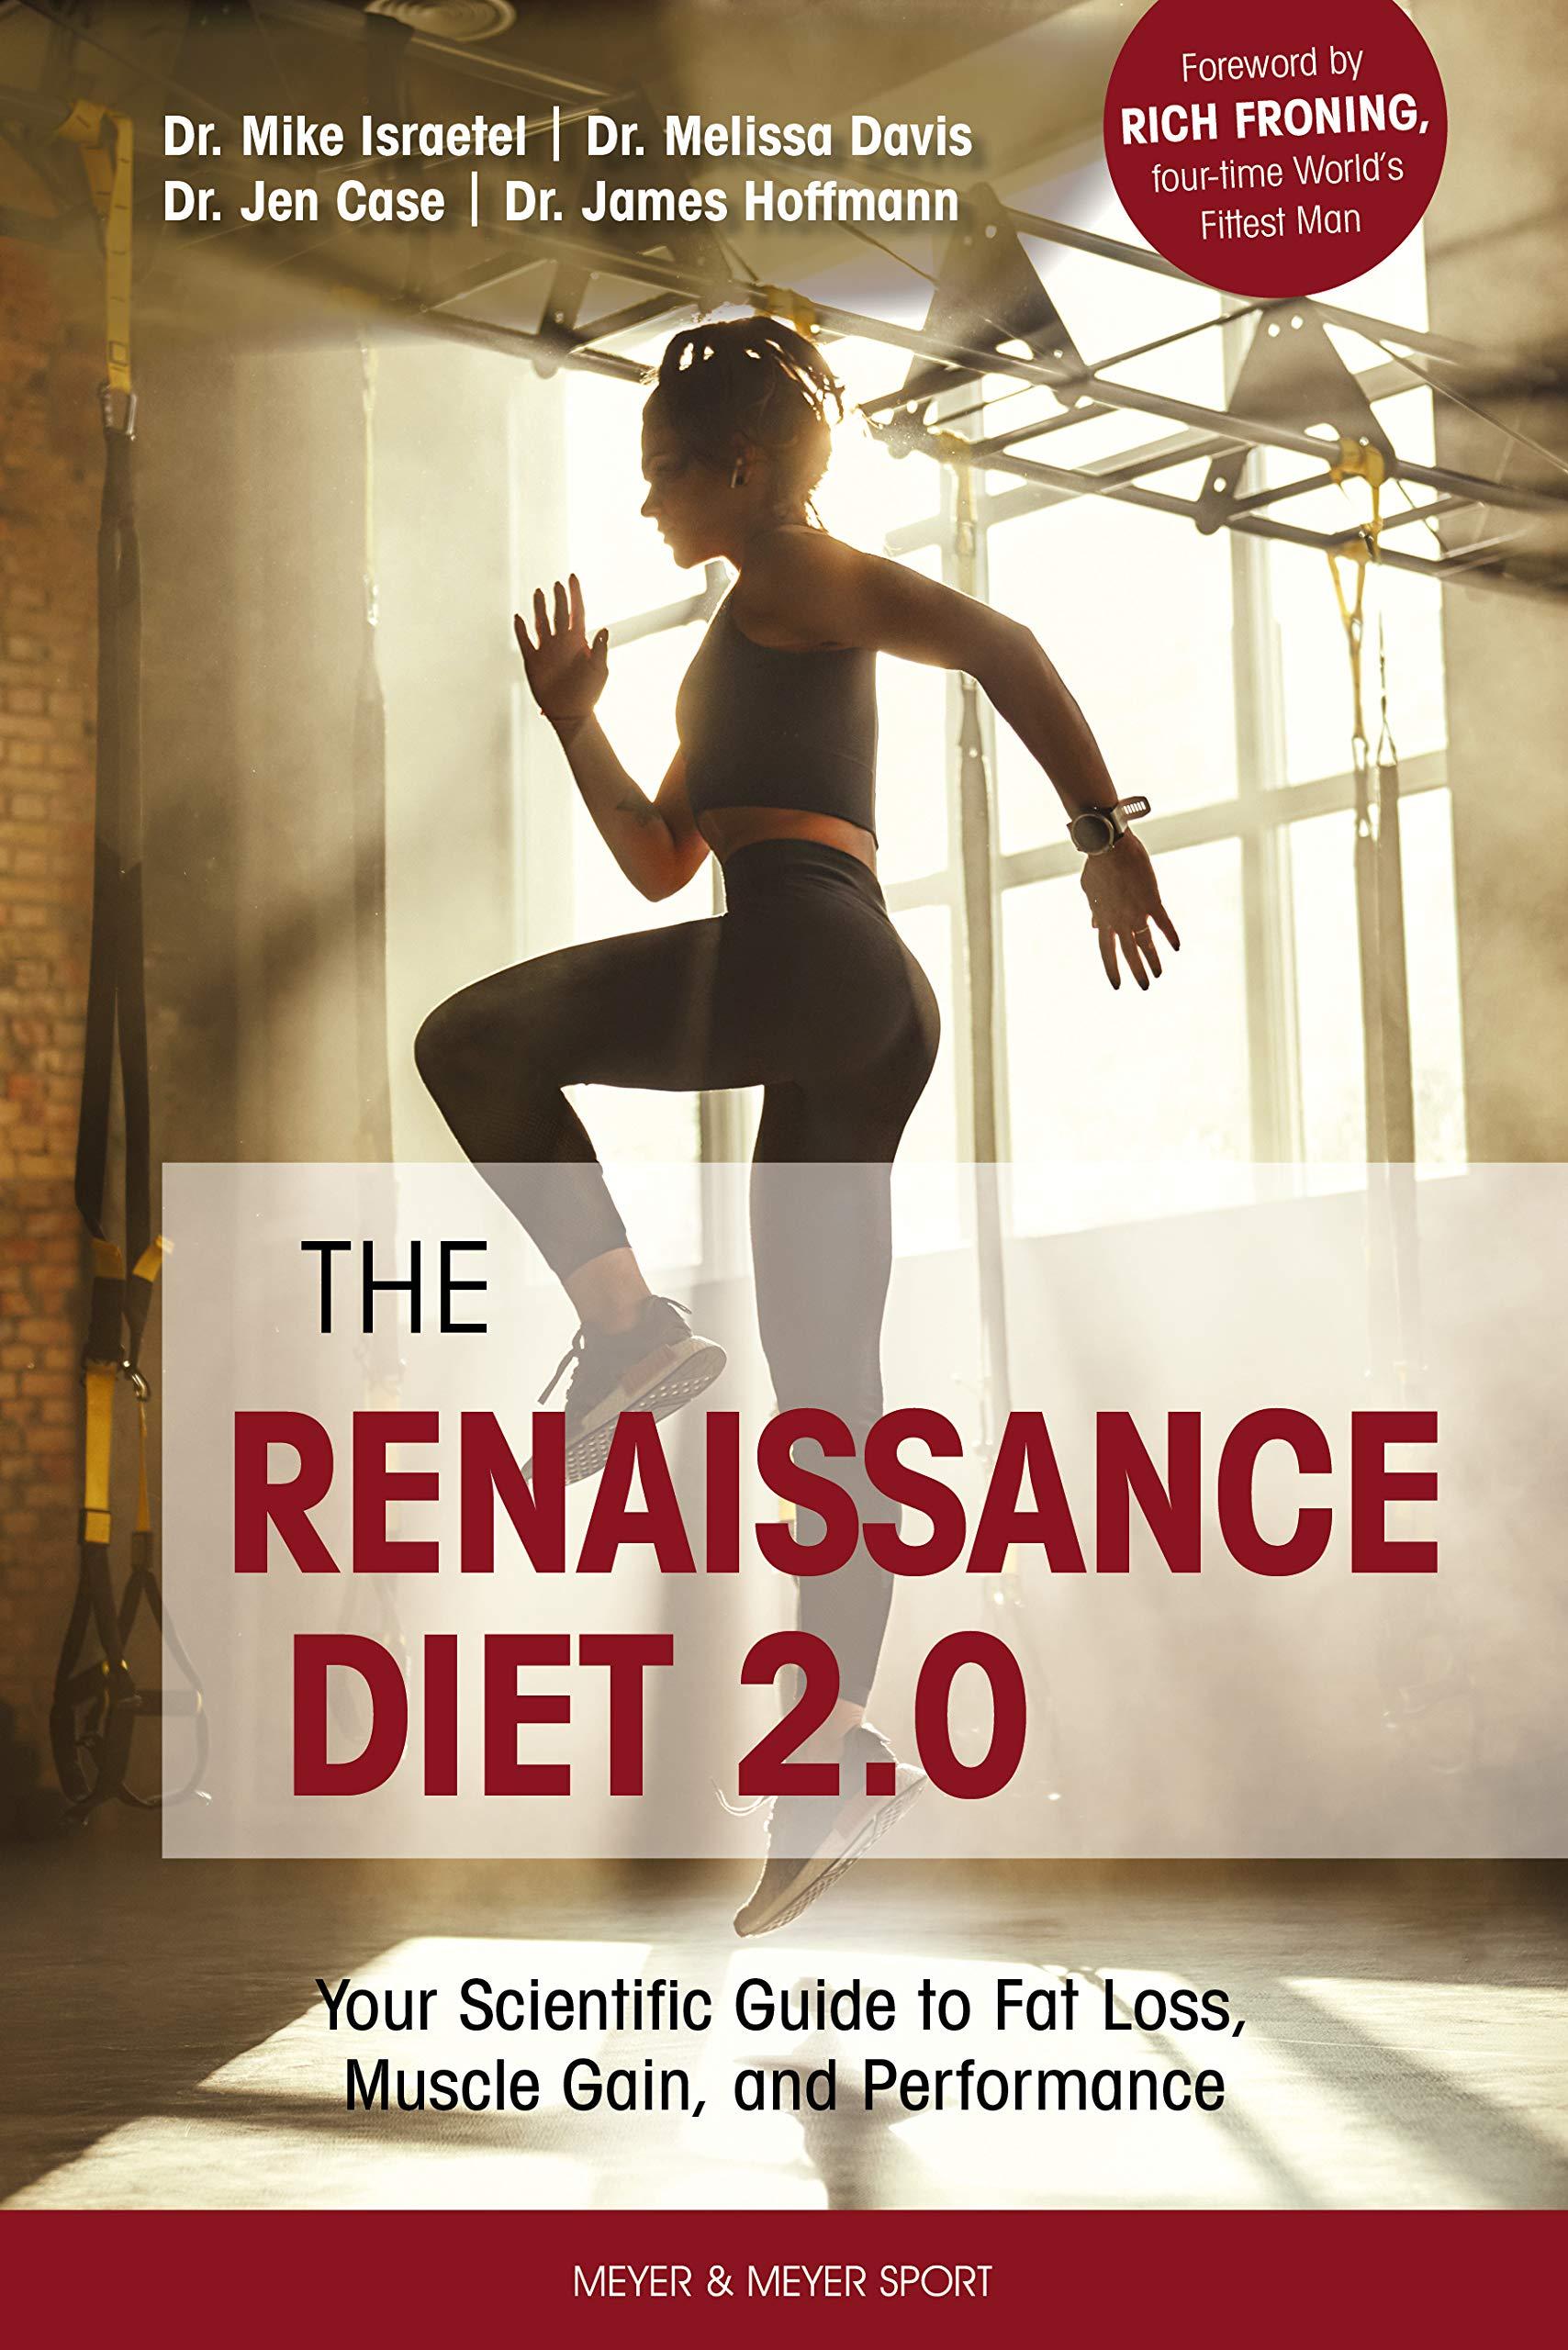 périodisation de la renaissance pour la perte de poids